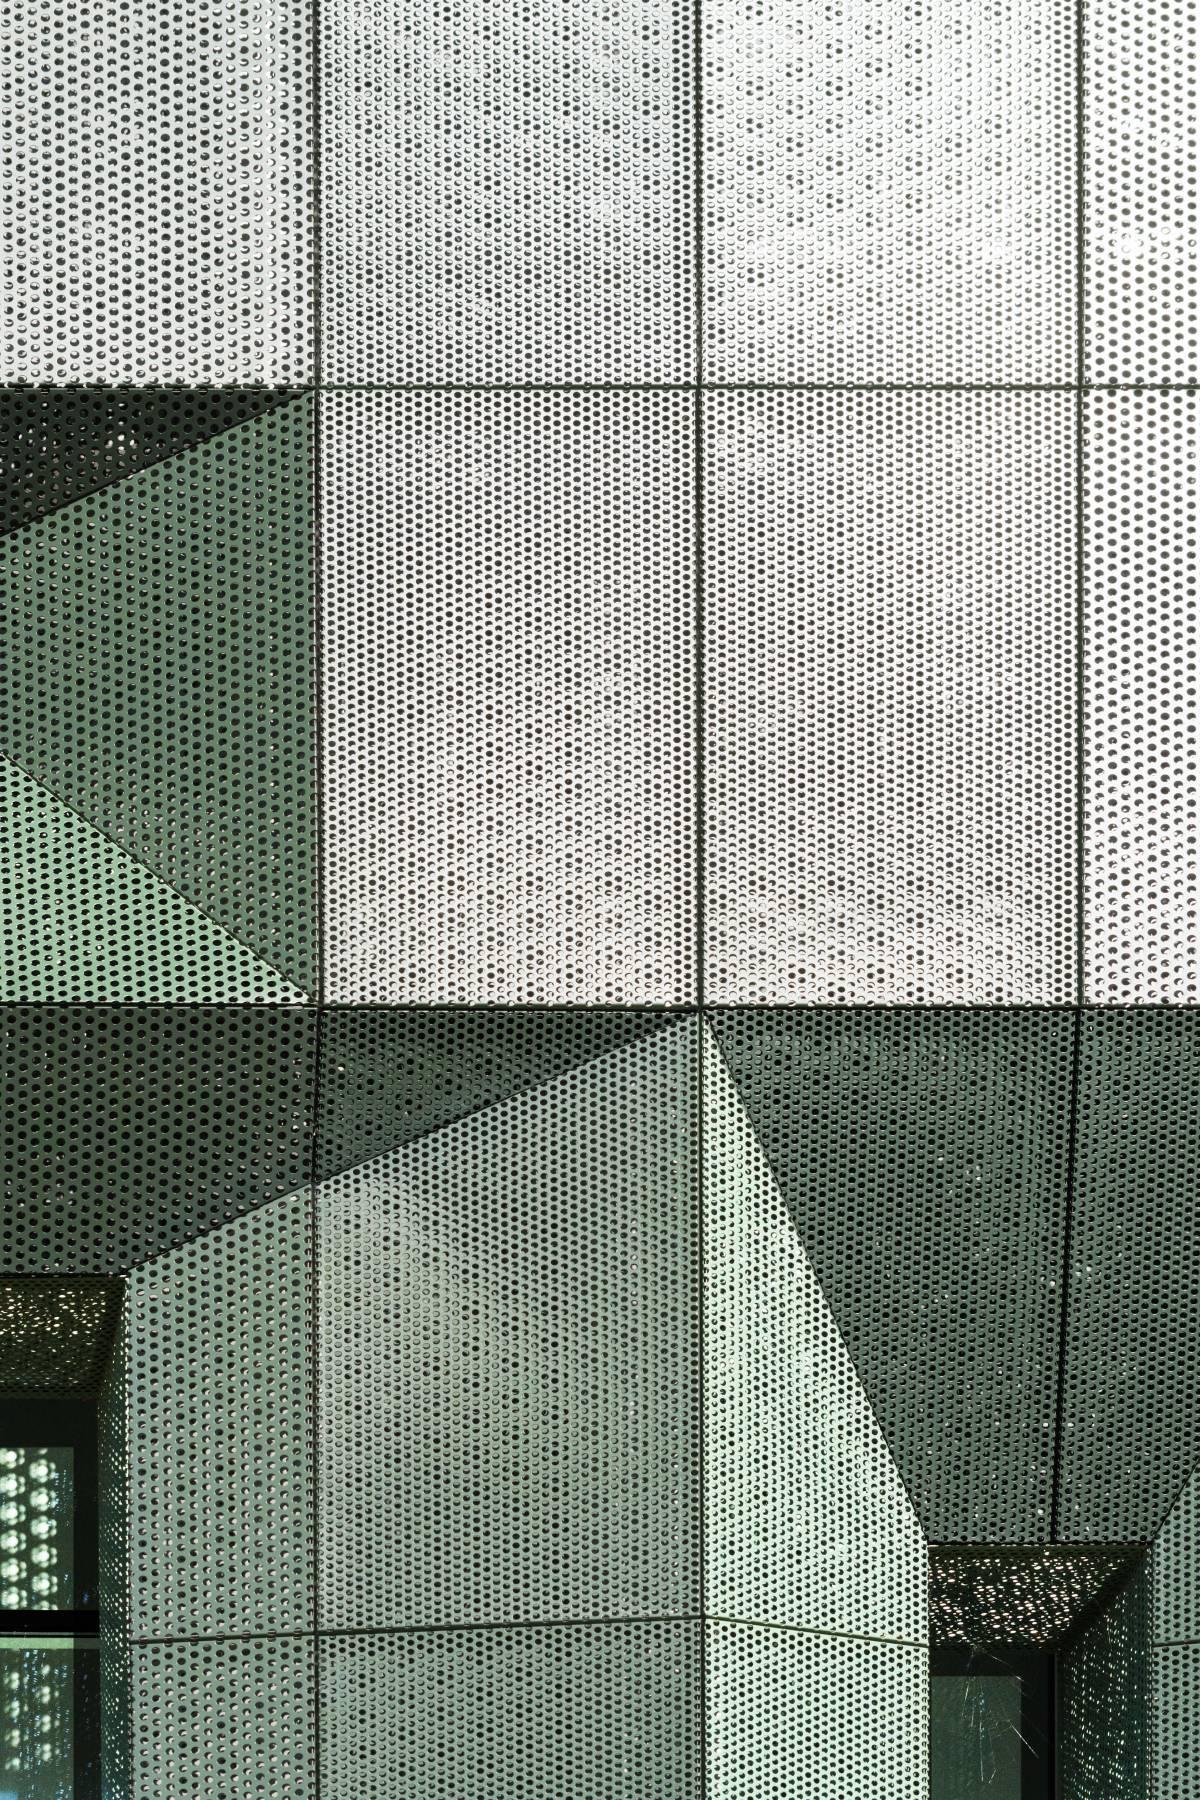 dettaglio di facciata in lamiera microforata